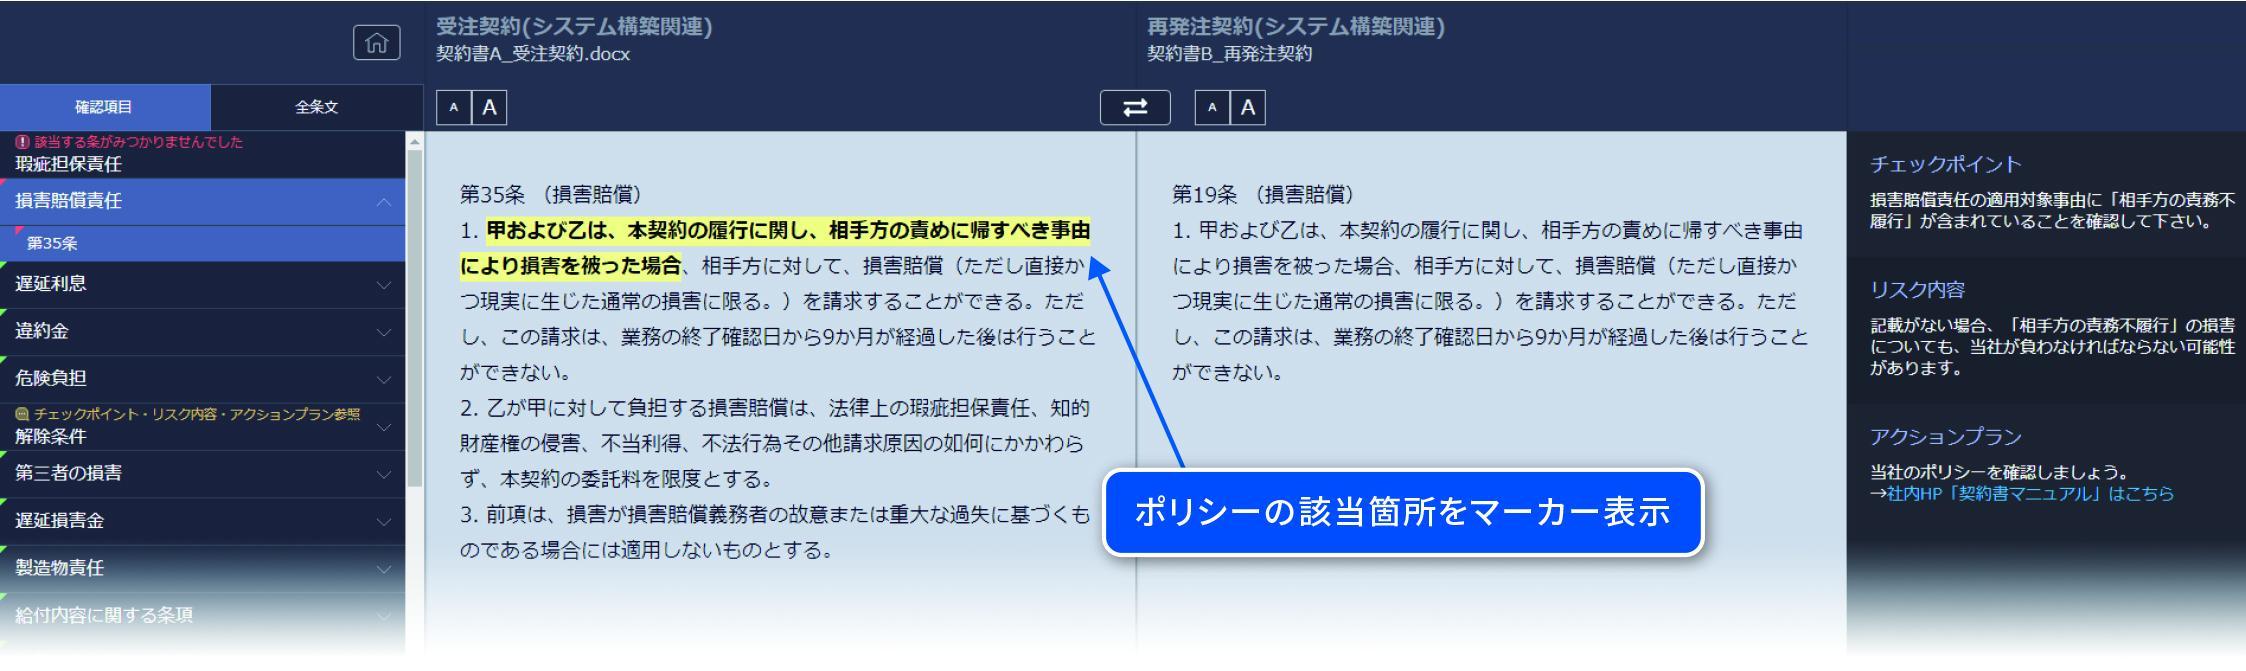 インテリジェント契約_003.jpg